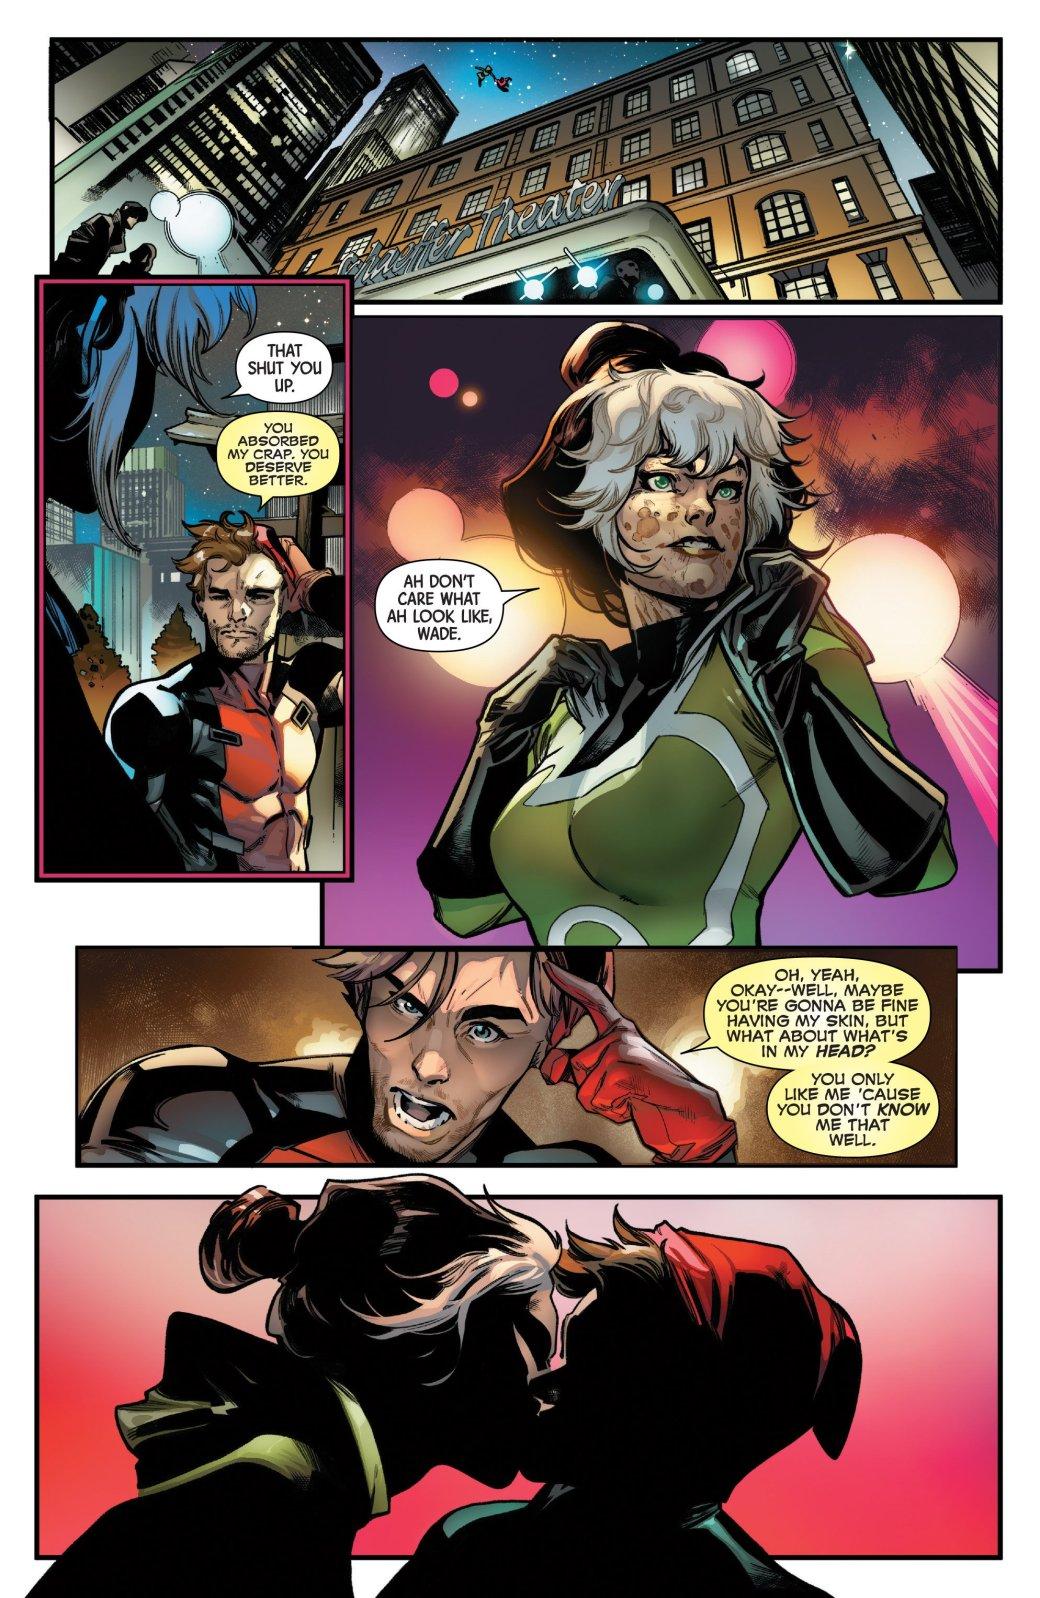 Благодаря Дэдпулу один из Мстителей смог вернуться к жизни | Канобу - Изображение 12214